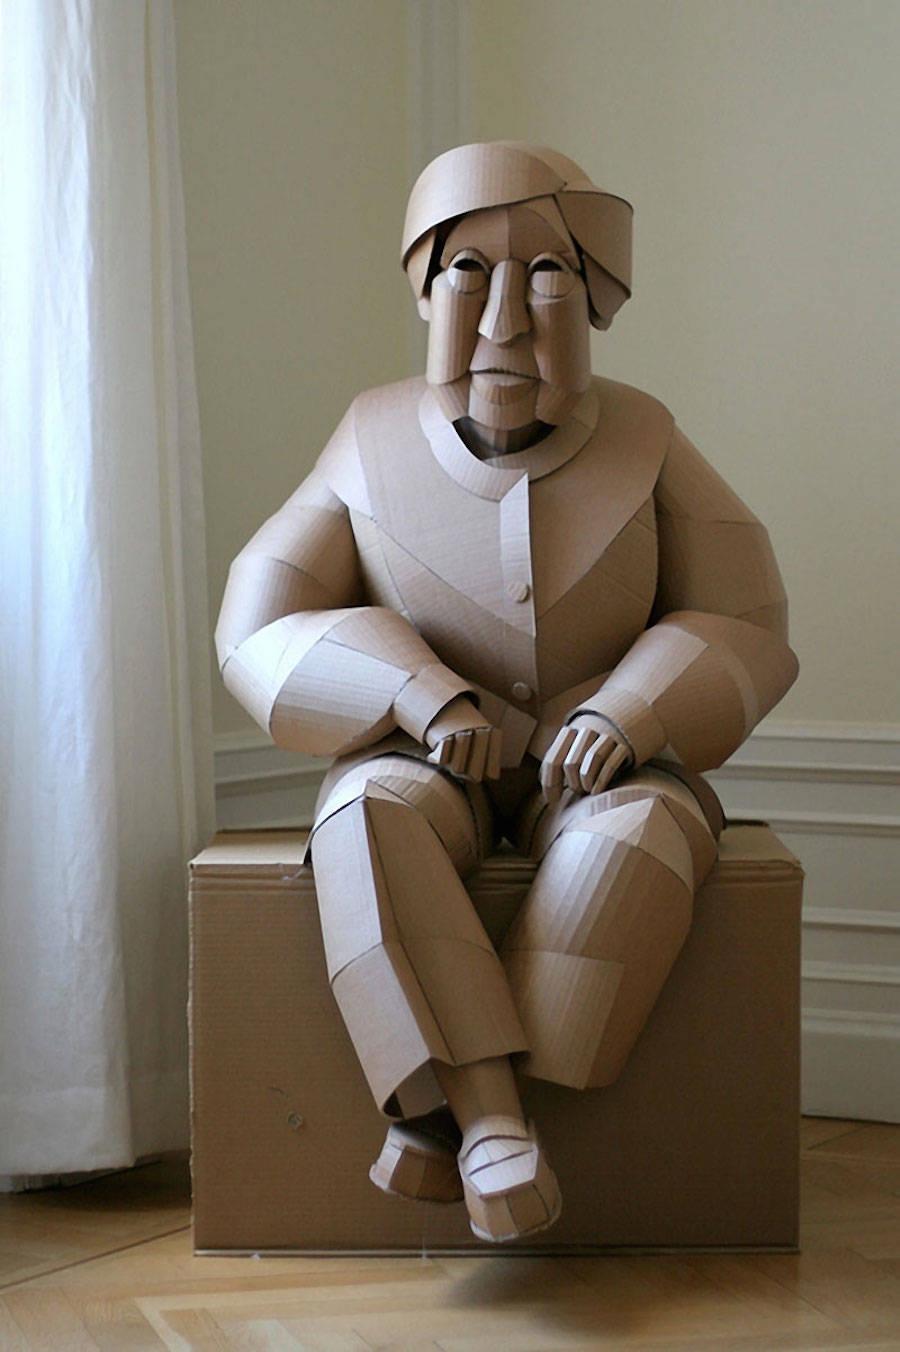 Relativ chine-sculpture-carton-02 - La boite verte IJ23